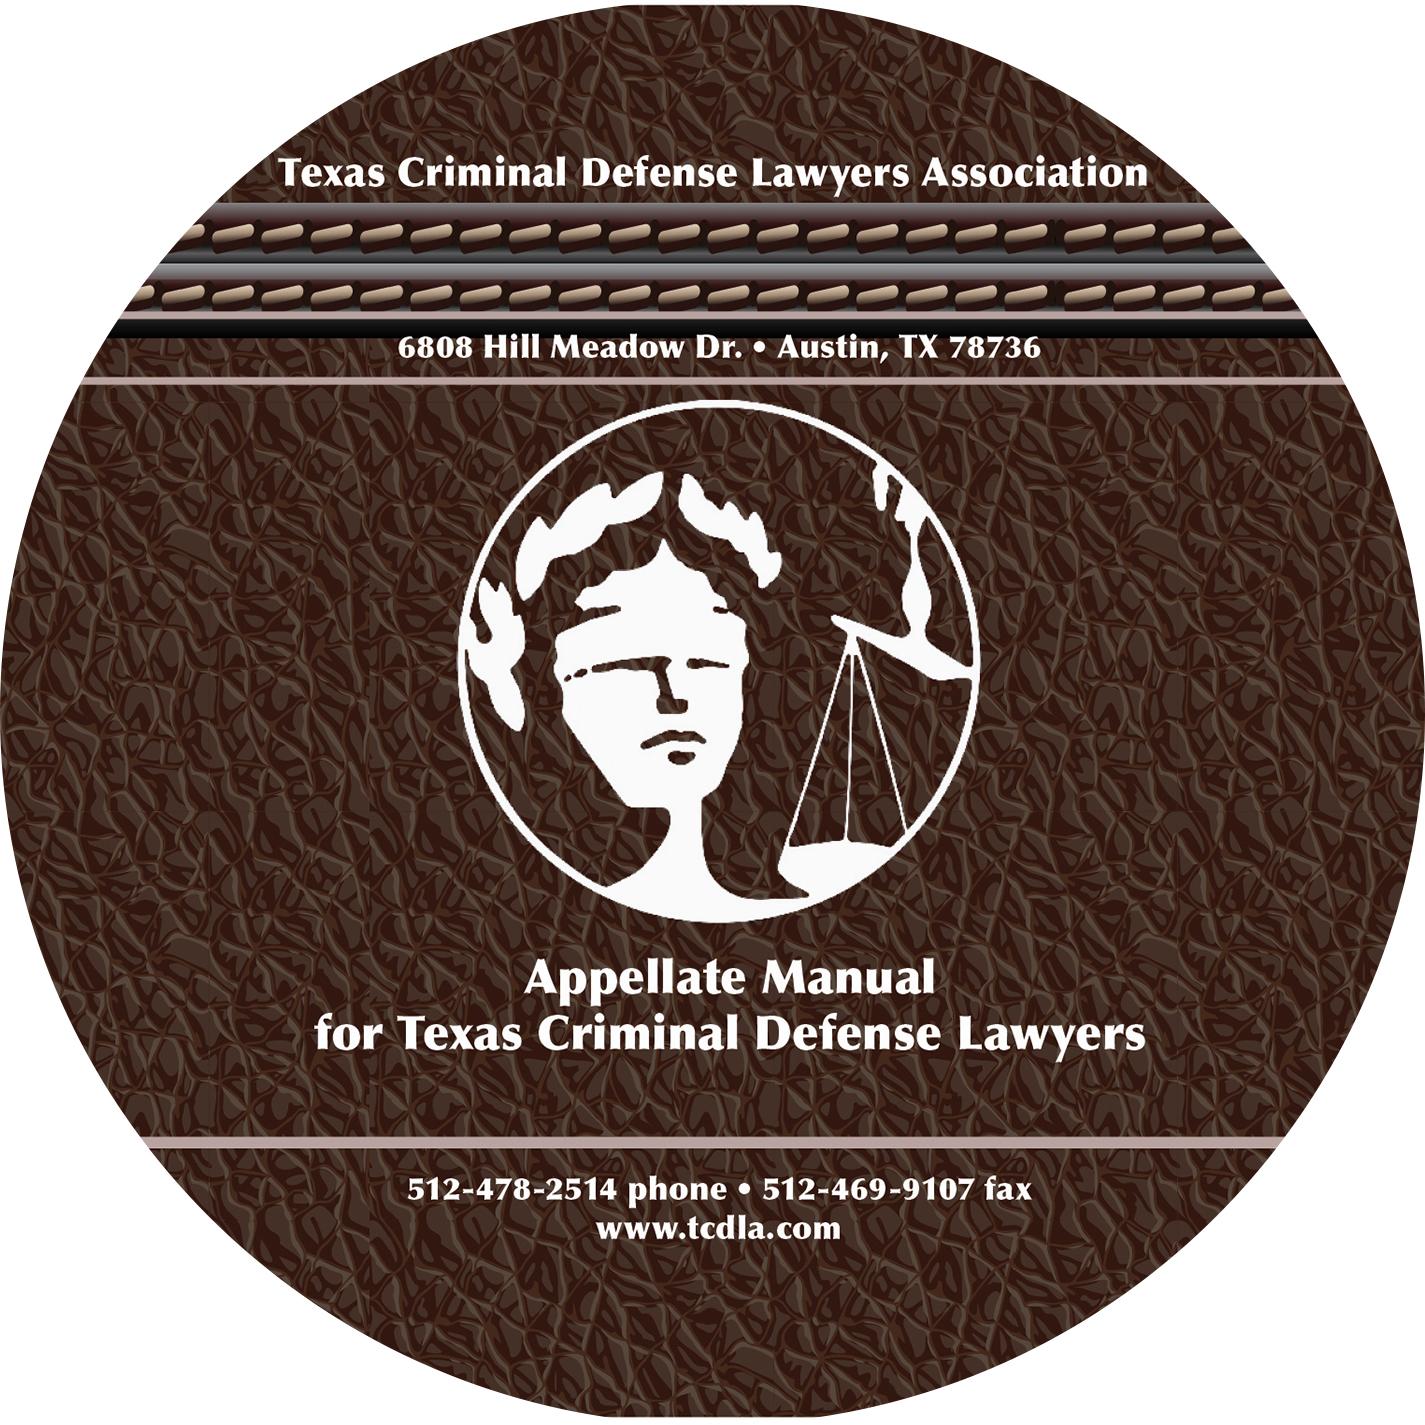 Appellate Manual CD, 2019-20